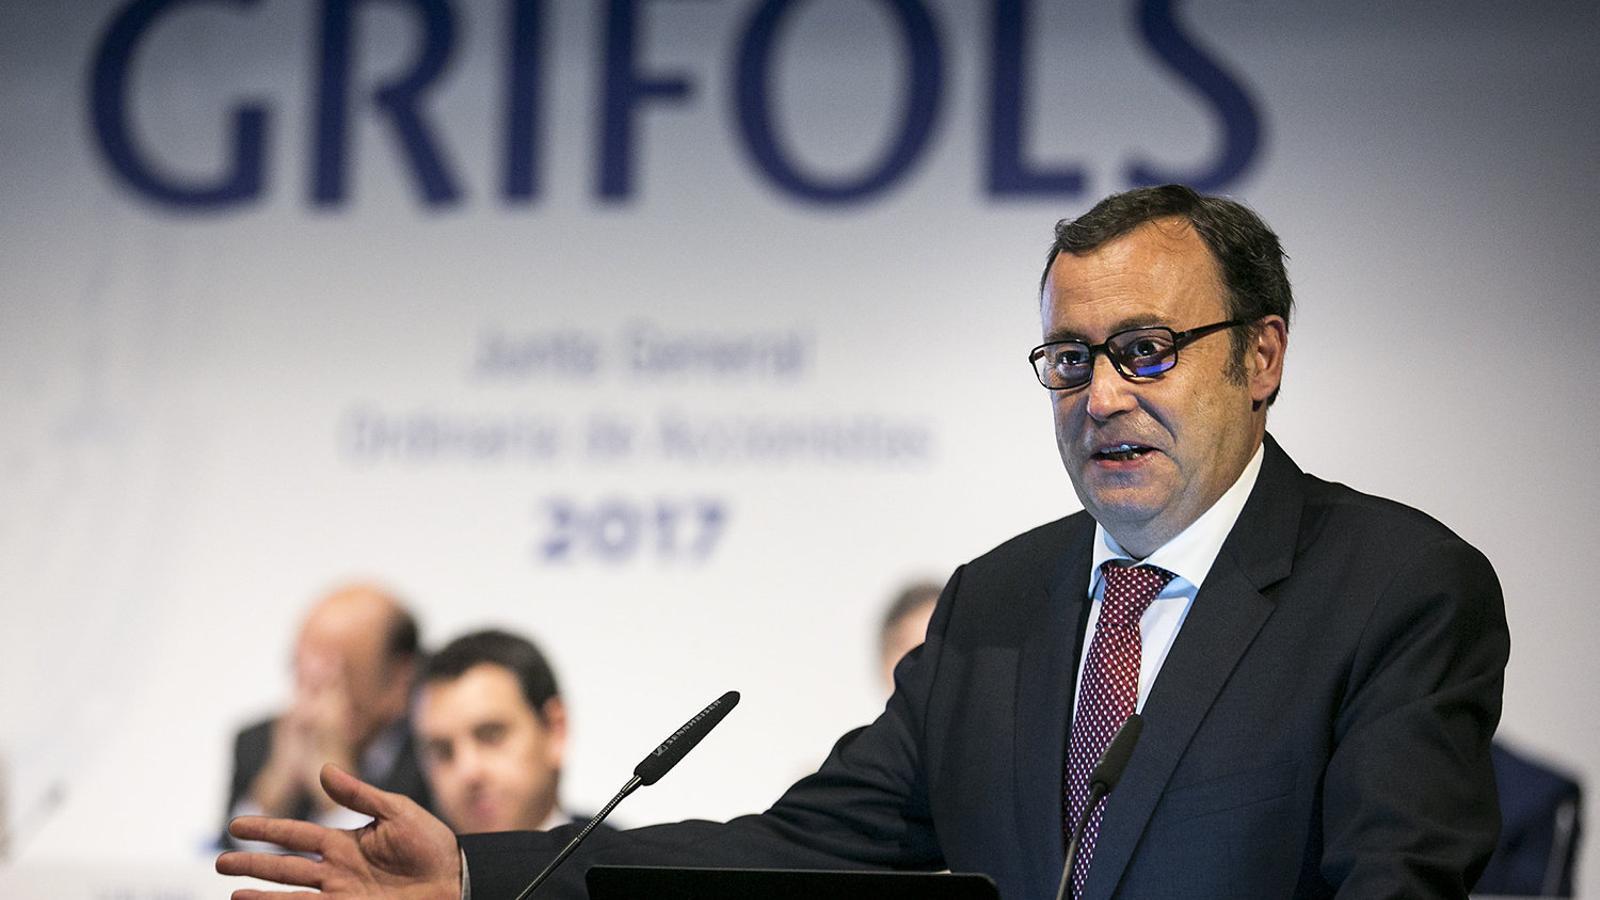 Grifols adquereix l'exclusiva d'un medicament de la nord-americana Rigel per Europa i Turquia